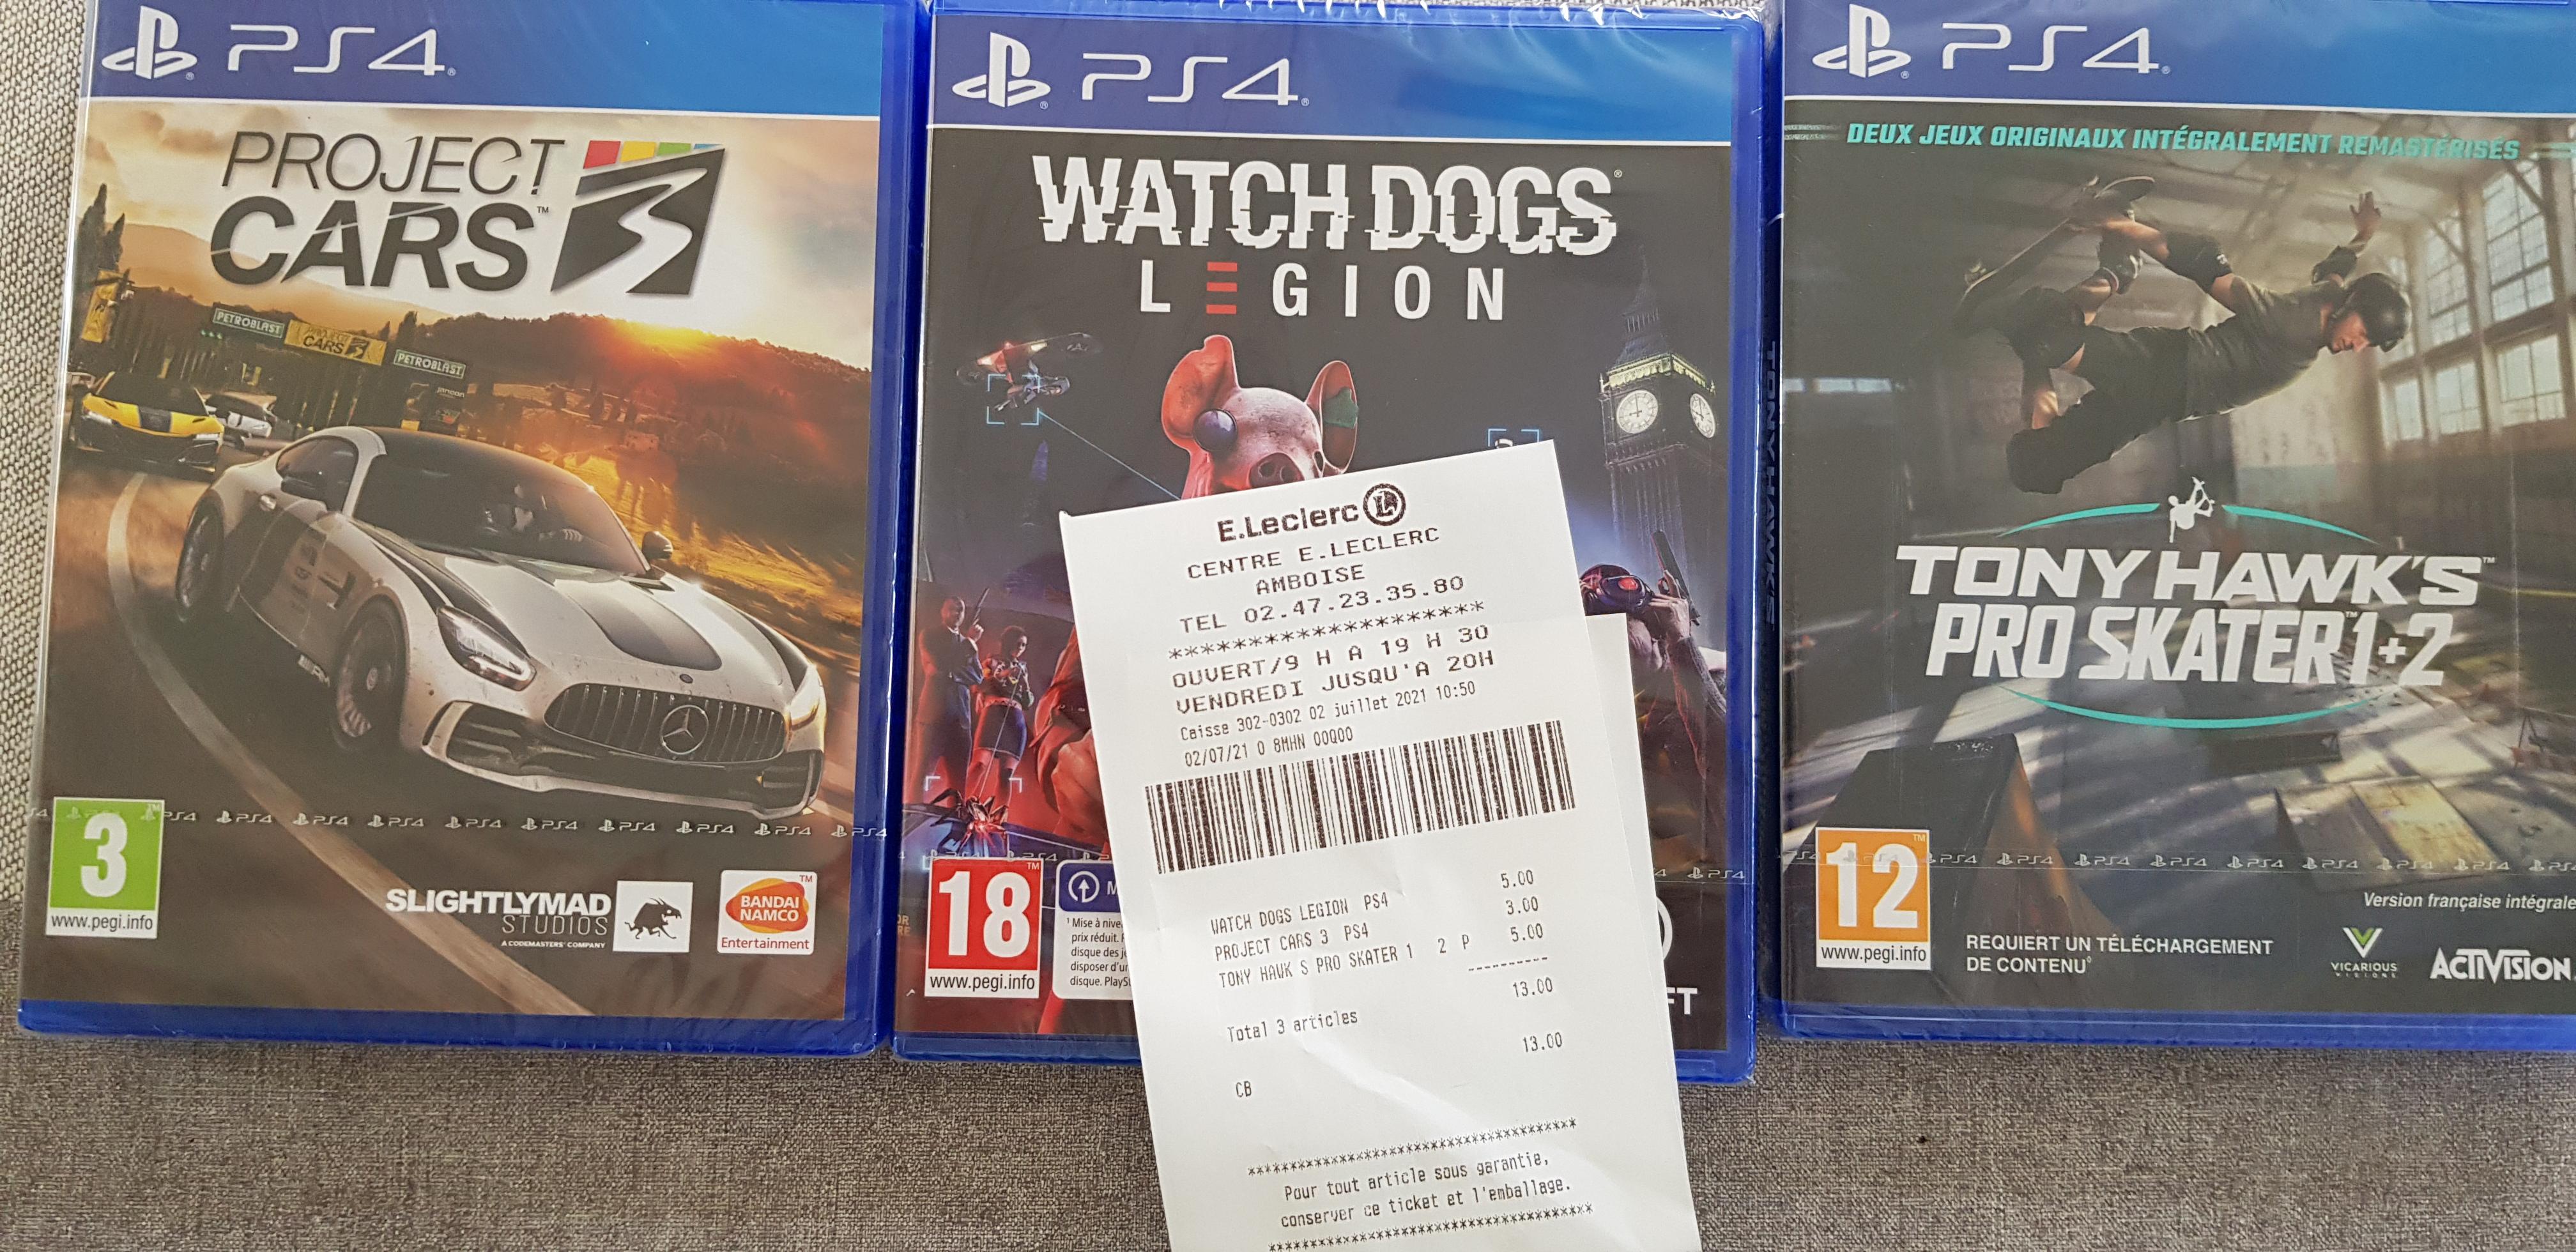 Watch Dogs Legion sur PS4 - Amboise (37)